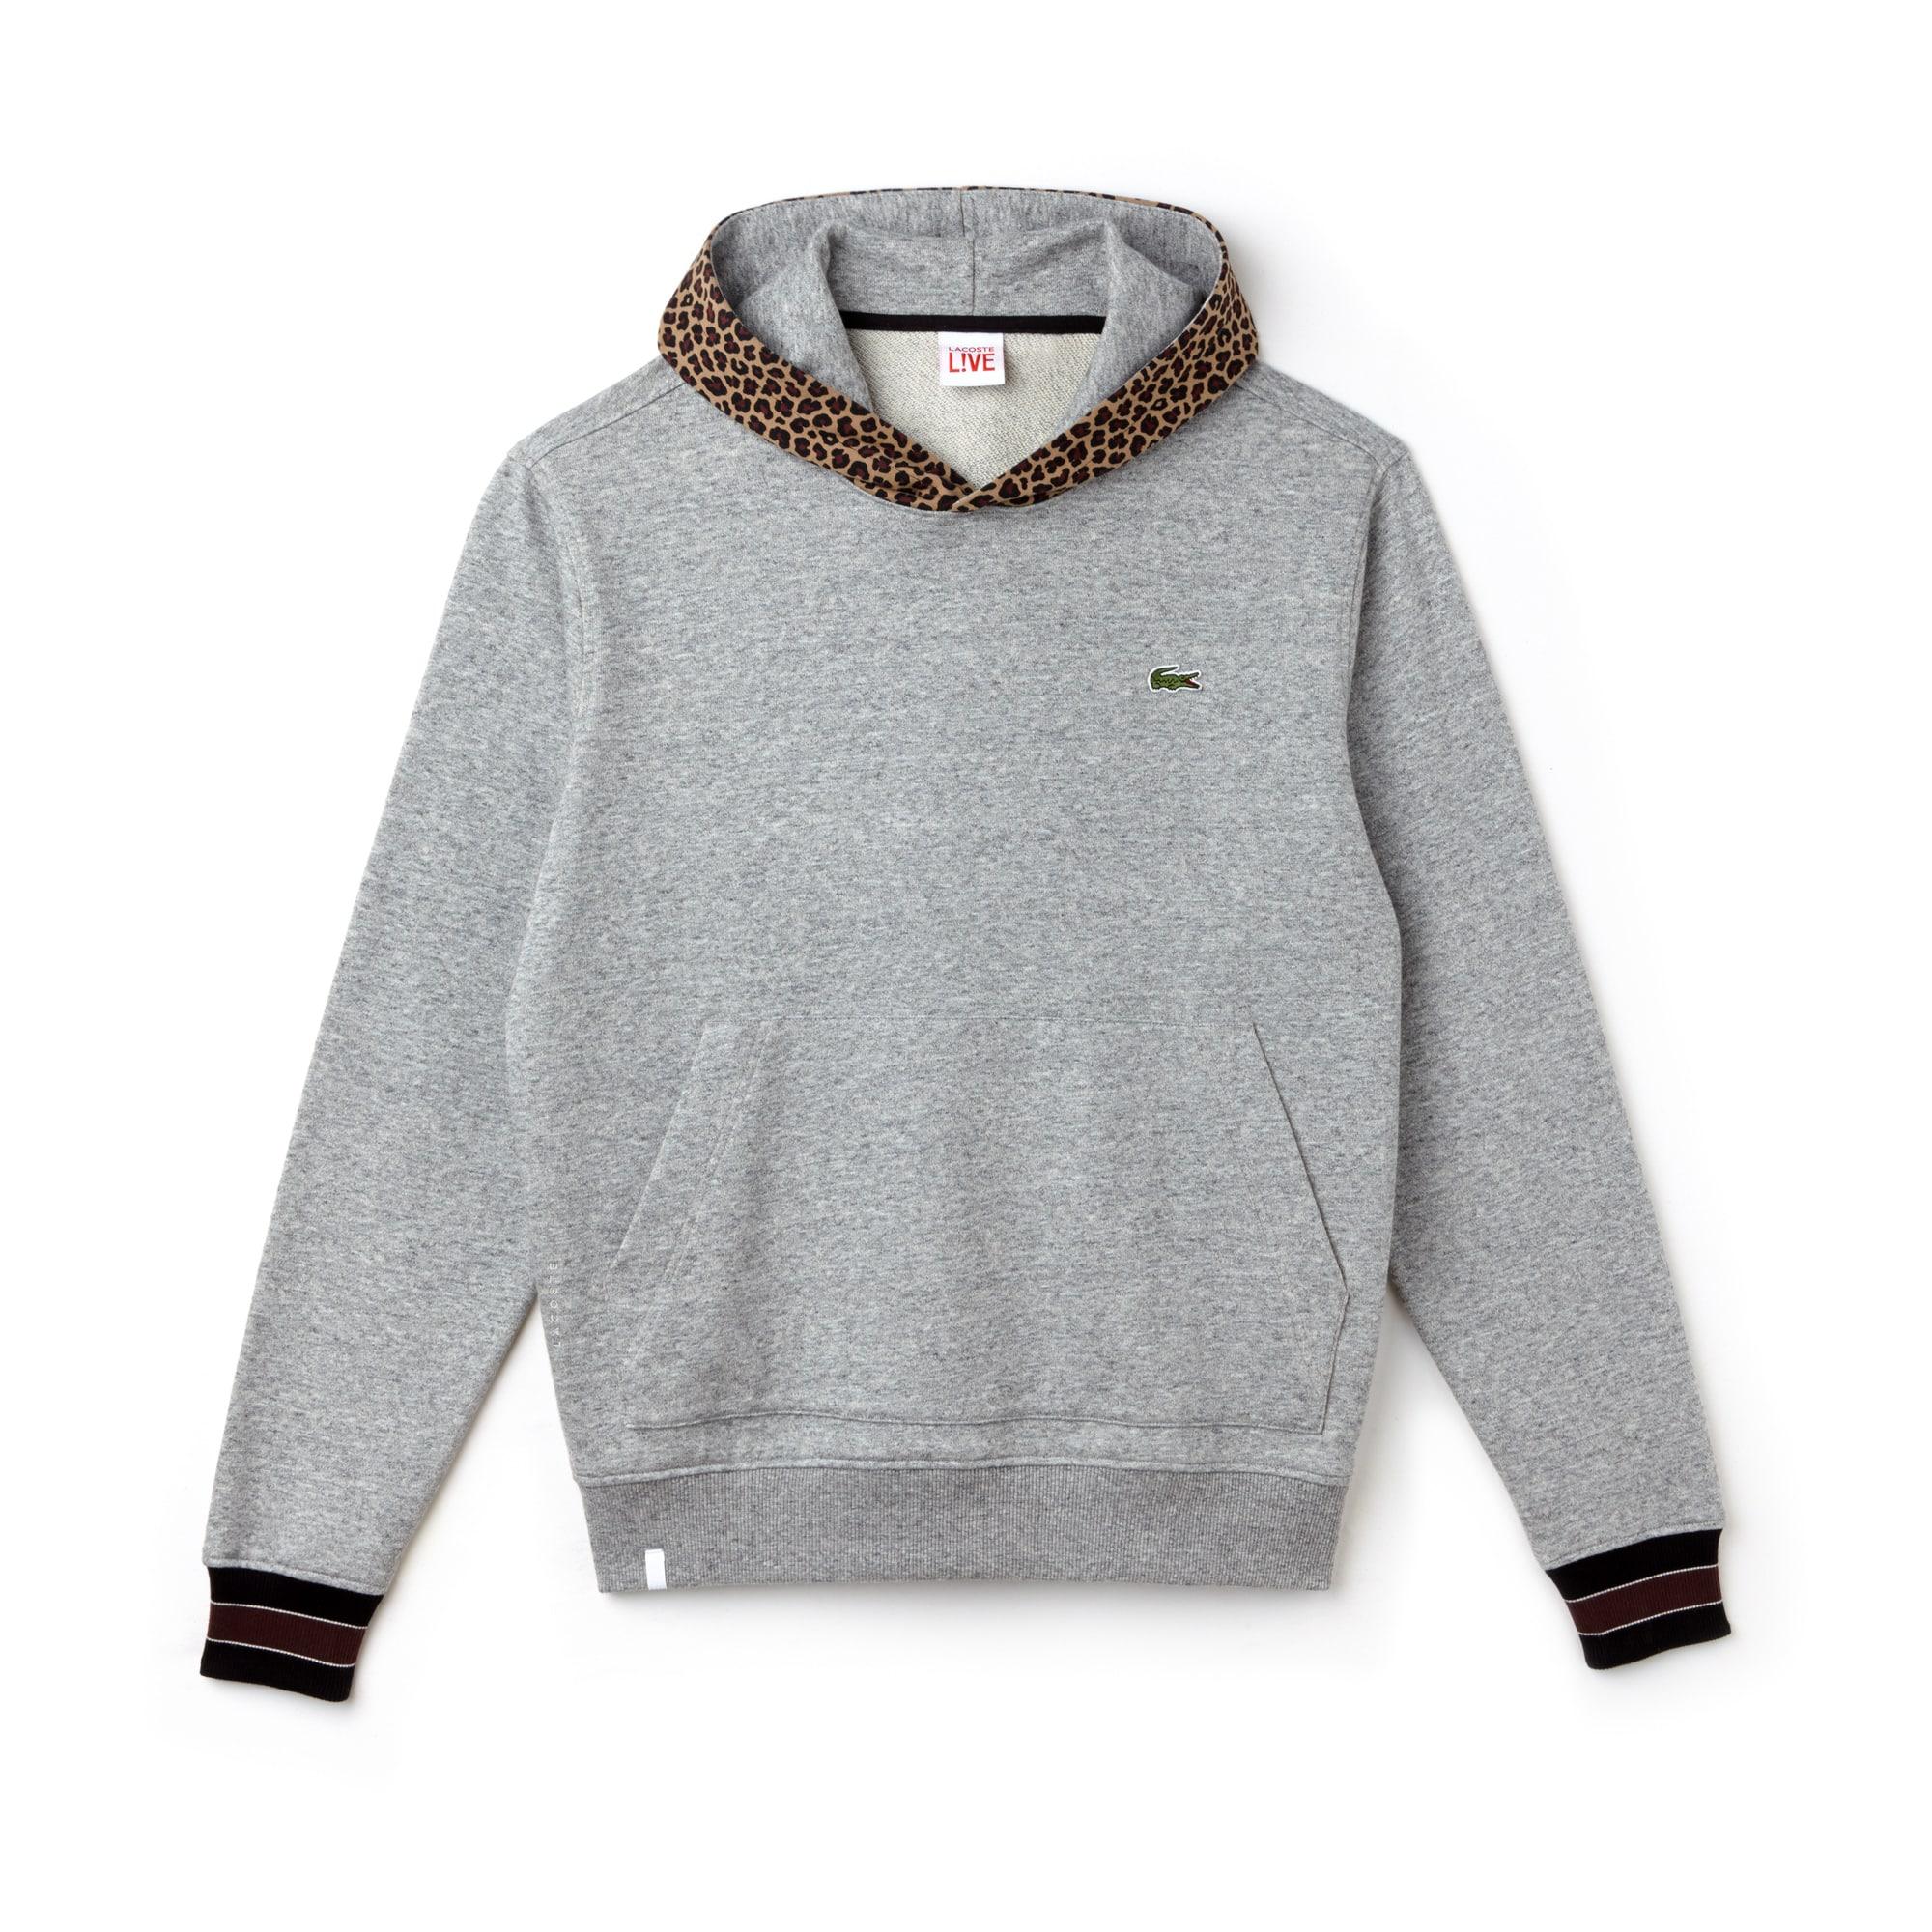 Sweatshirt com capuz leopardo Lacoste LIVE em moletão unicolor